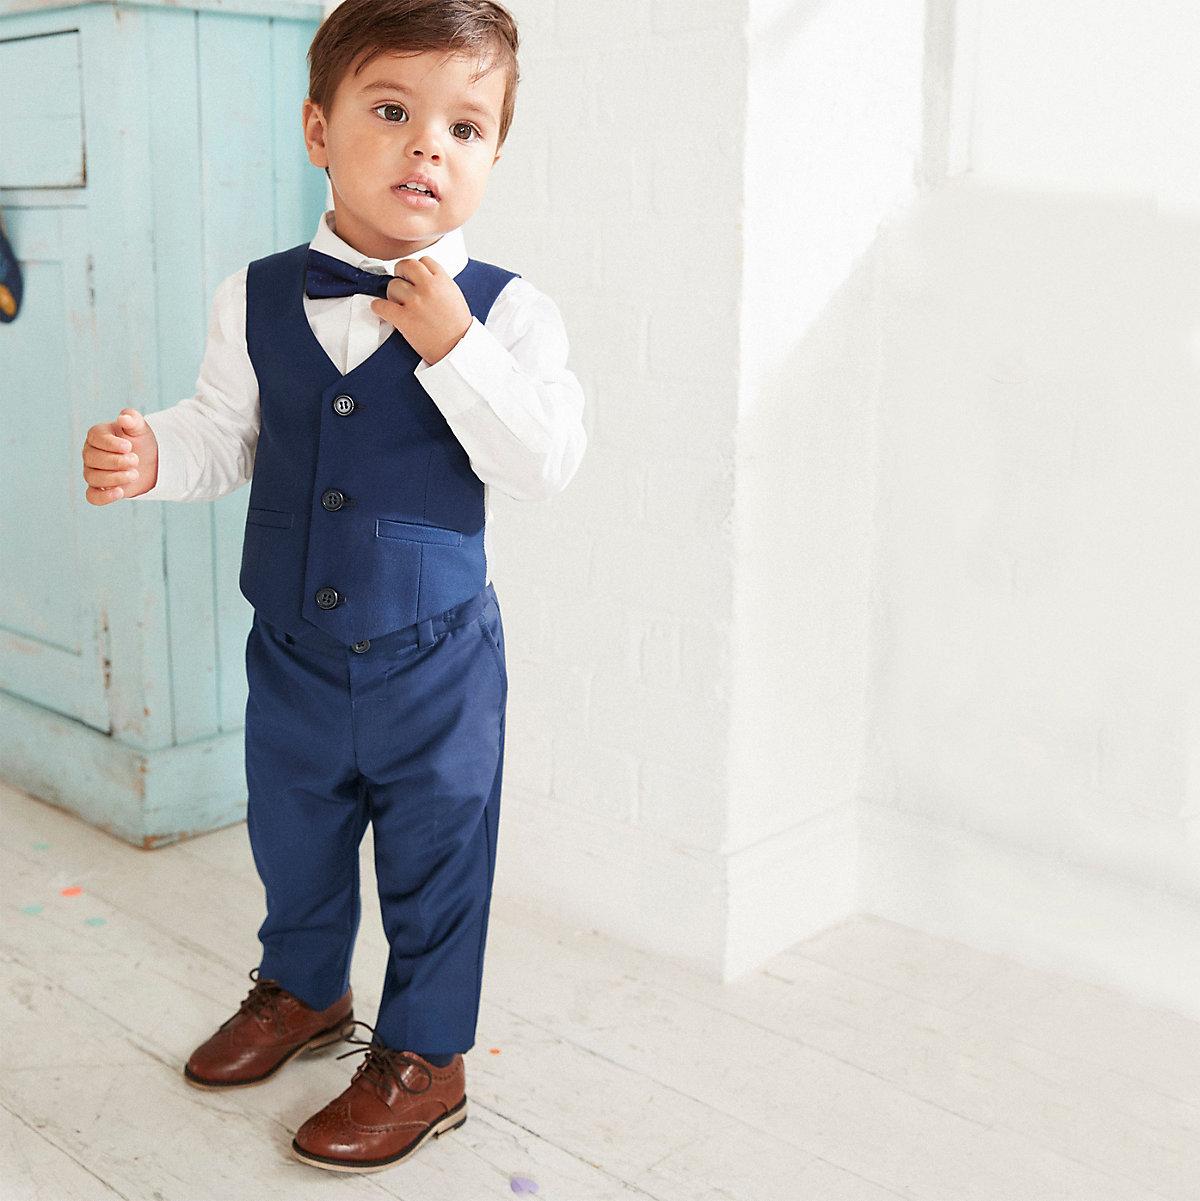 Pantalon et chemise de costume bleu marine mini garçon - Tenues bébé ... 0d52a8fcc9d